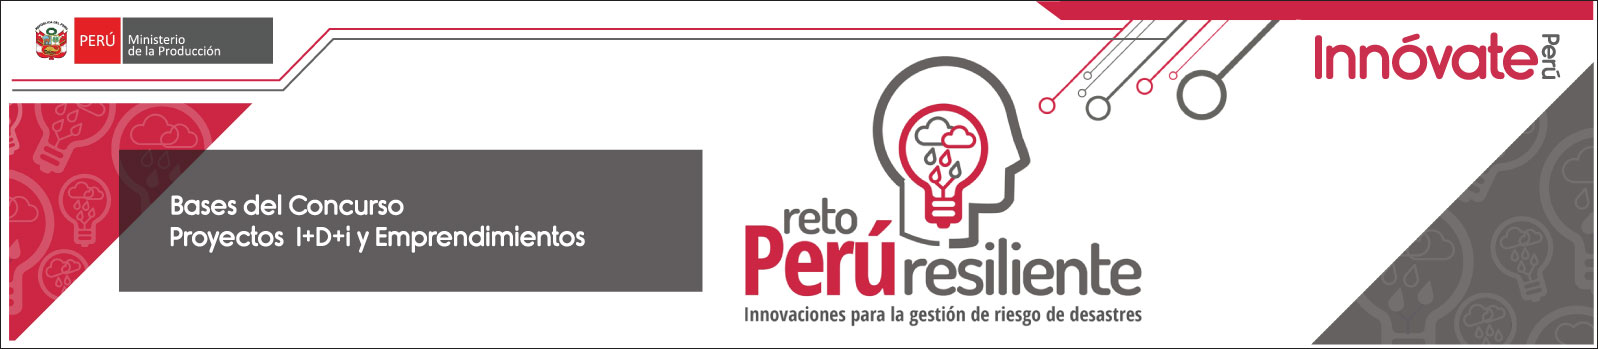 Perú Resiliente